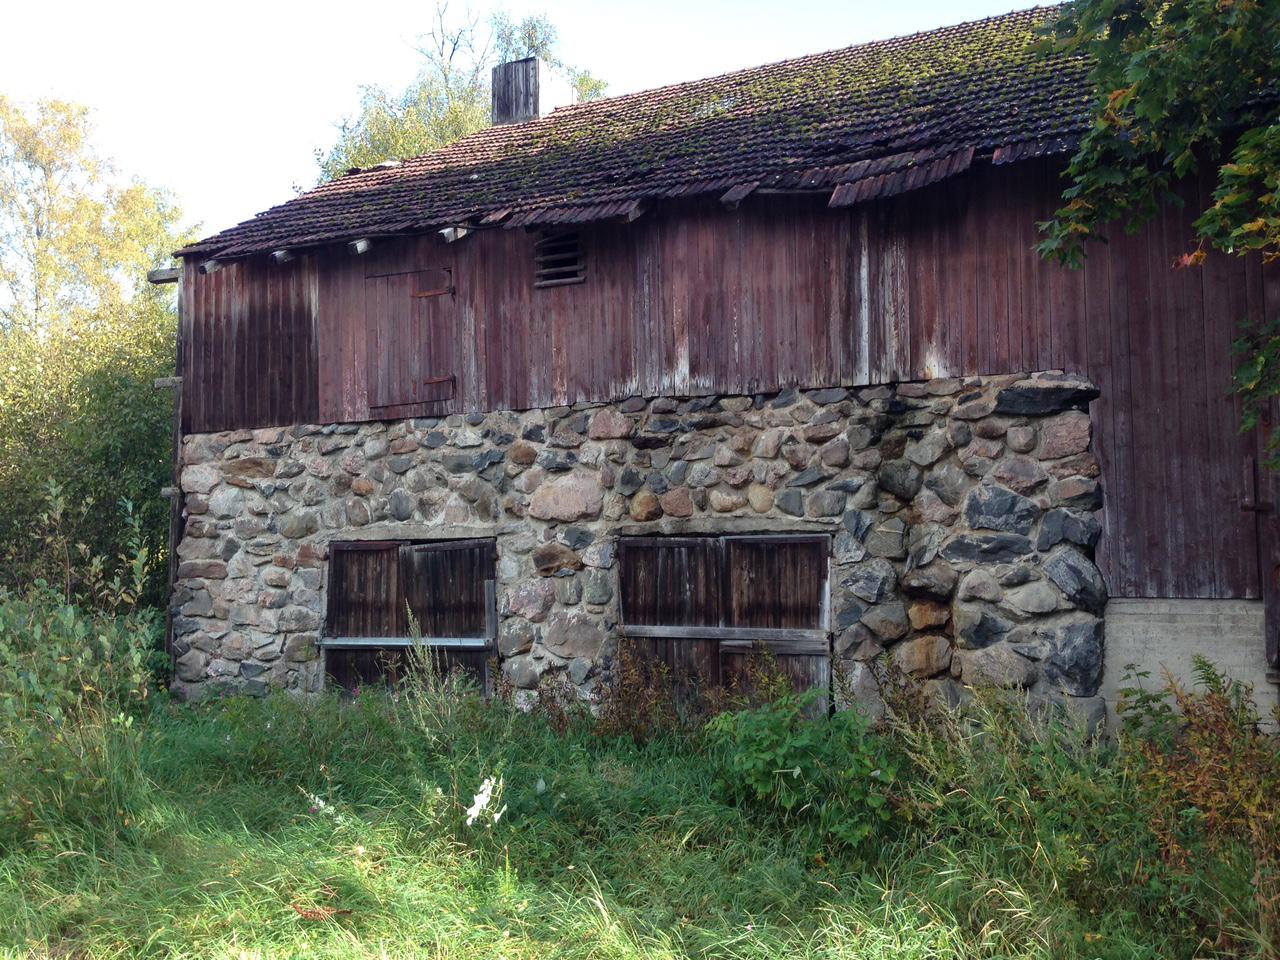 Tunnista kuvavisassa vanhoja maalaistalon työkaluja. Kuva Männistöntieltä Vatialasta. Kuva: Satu Pasanen